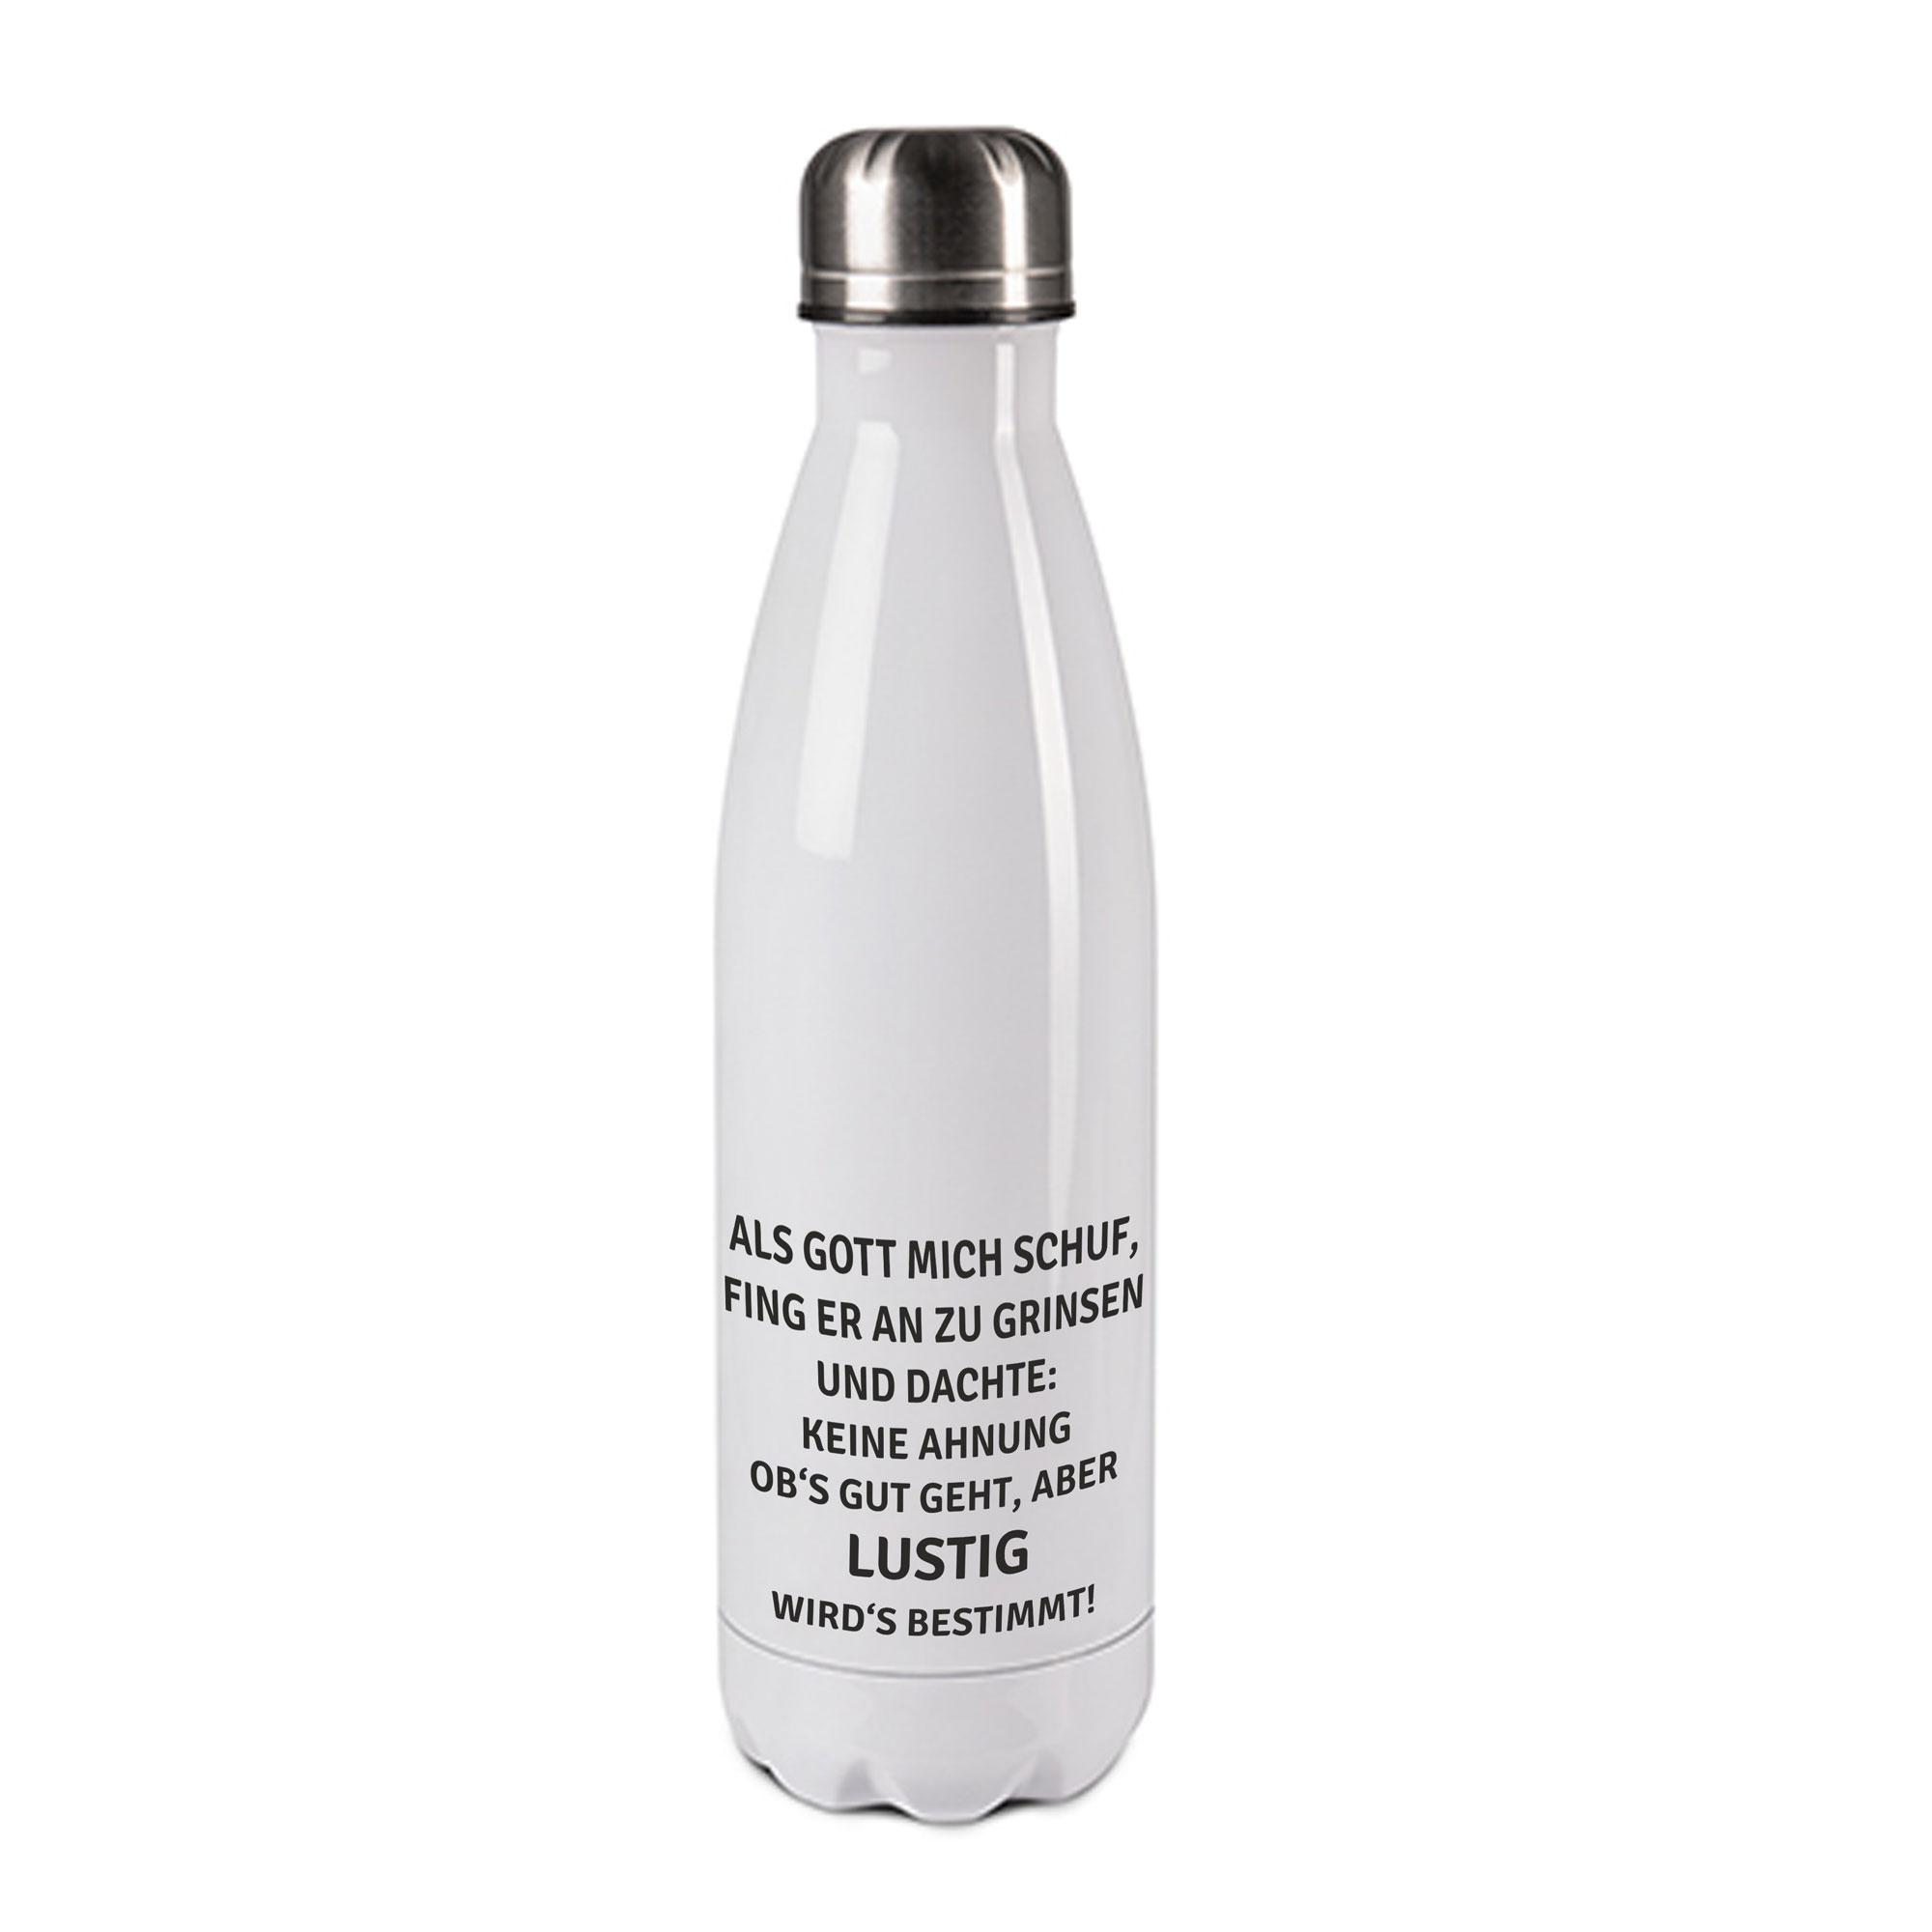 Edelstahl-Thermosflasche weiß/weiß mit Druck: ALS GOTT MICH SCHUF, FING ER AN ZU GRINSEN UND DACHTE: KEINE AHNUNG OB'S GUT GEHT; ABER LUSTIG WIRD'S BESTIMMT